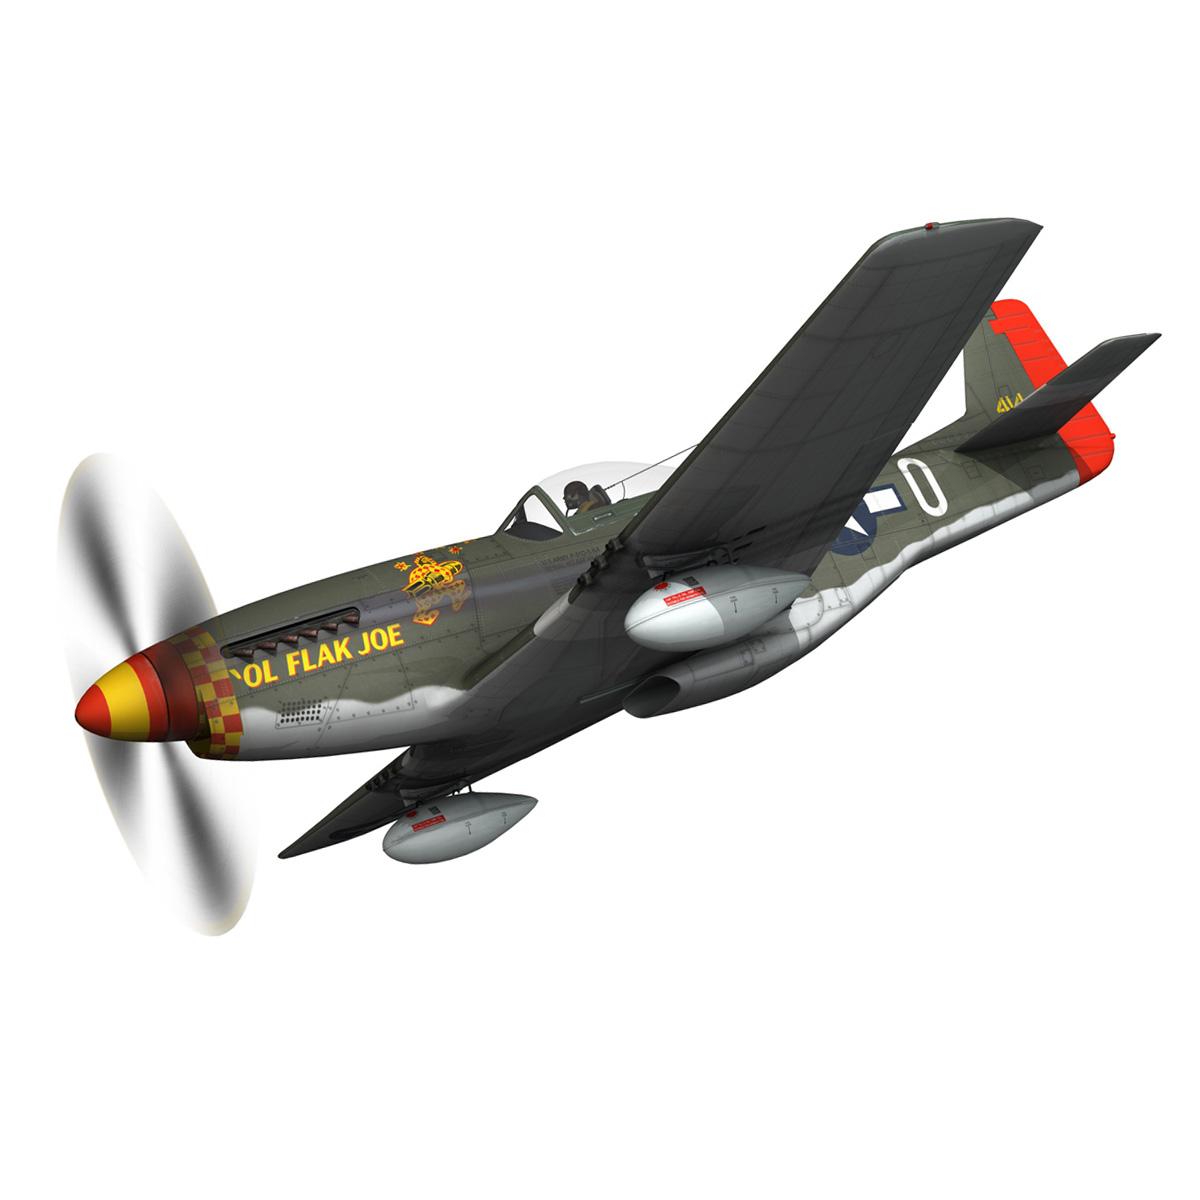 north american p-51d – ol flak joe 3d model 3ds fbx c4d lwo obj 280103